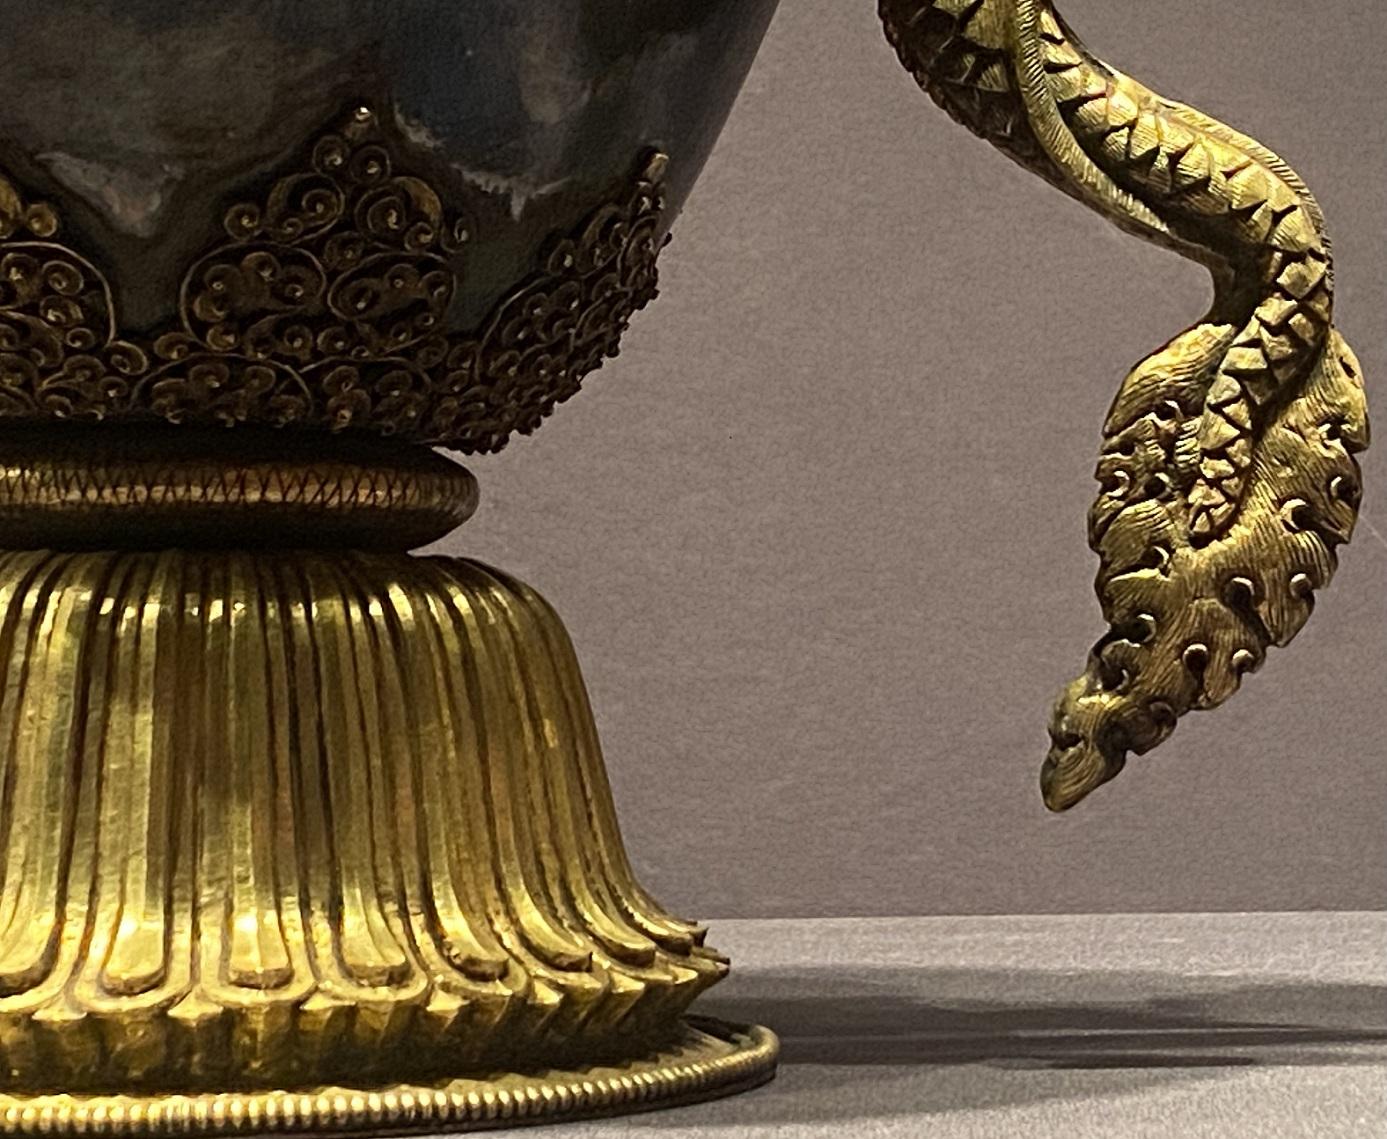 銅鎏金僧帽壺-特別展【七宝玲瓏-ヒマラヤからの芸術珍品】-金沙遺跡博物館-成都